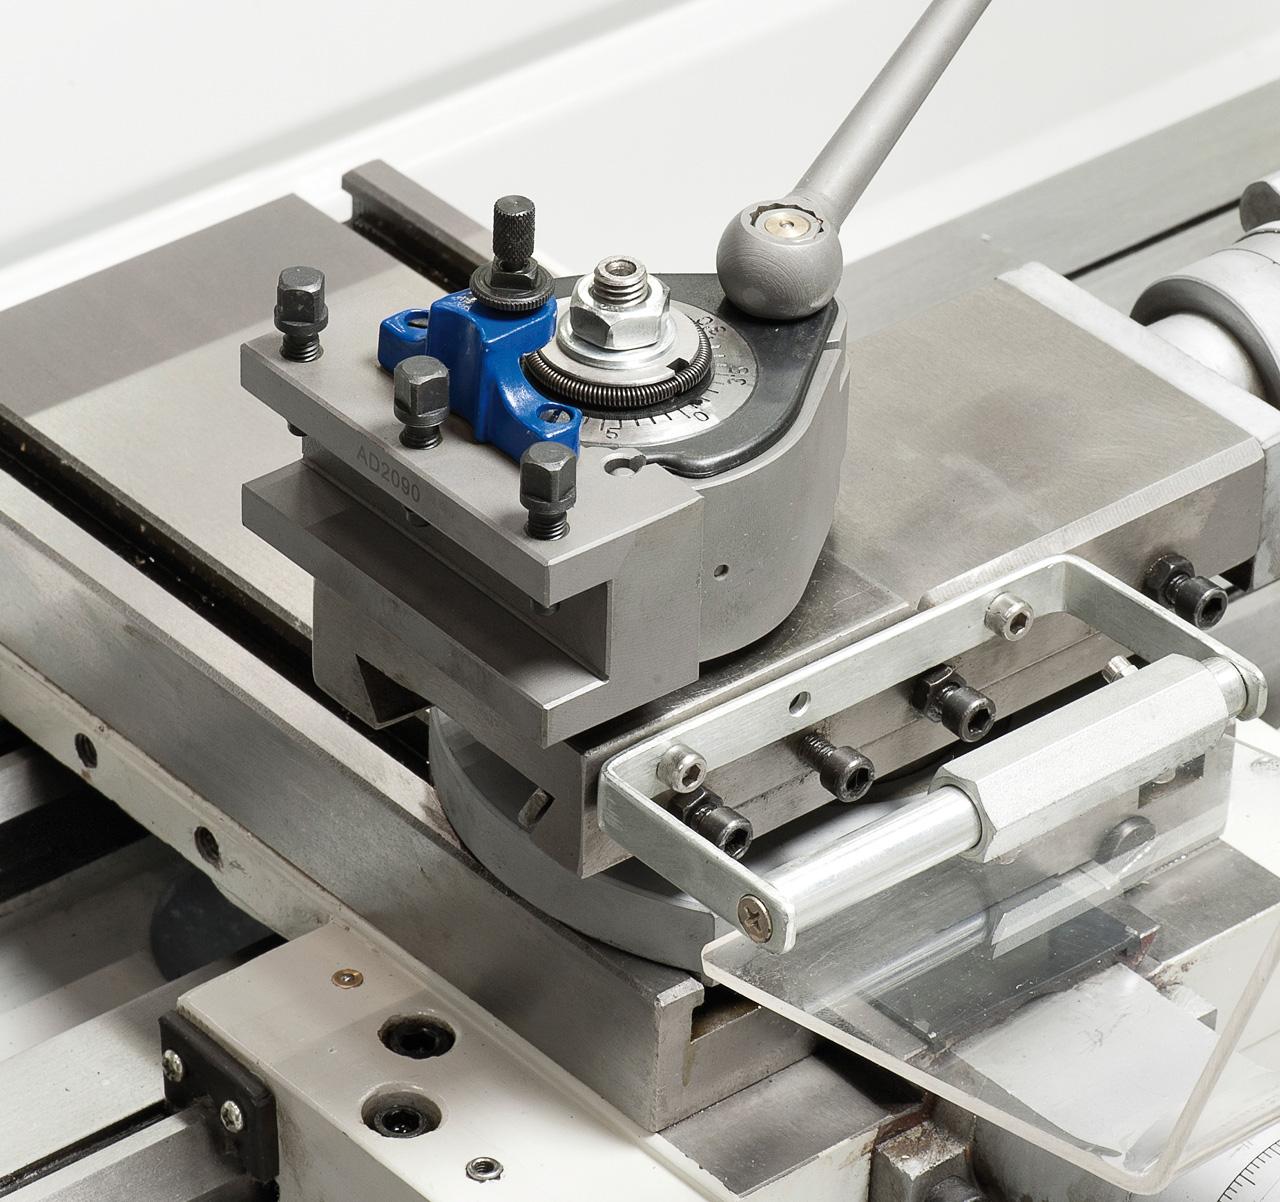 Zum rationellen Arbeiten kann die Maschine mit einem Schnellwechselstahlhalter ausgerüstet werden